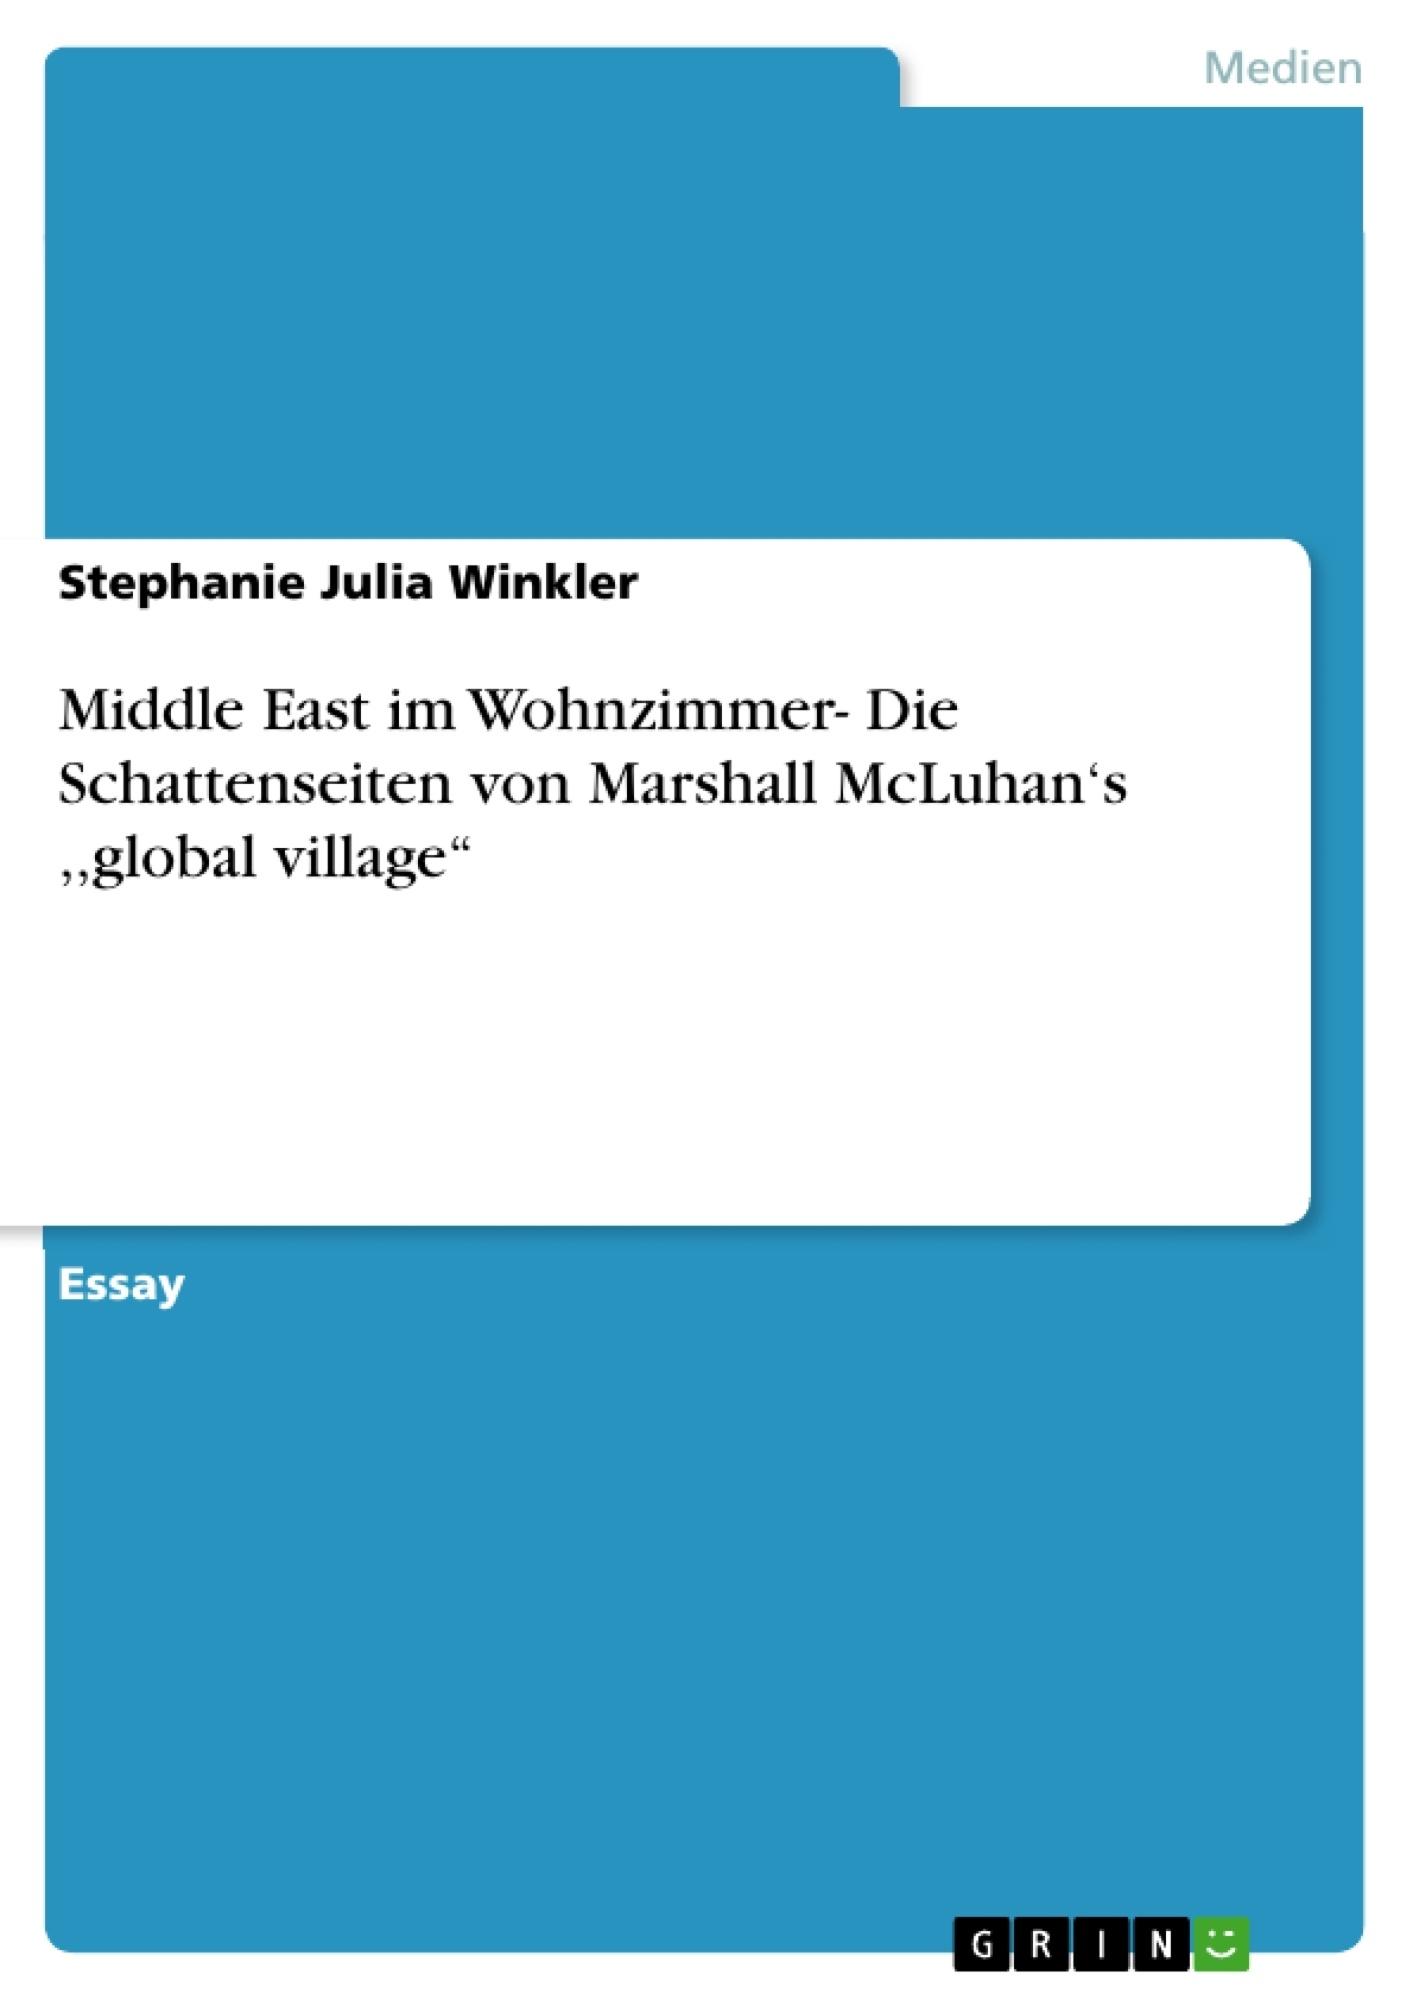 Titel: Middle East im Wohnzimmer- Die Schattenseiten von Marshall McLuhan's ,,global village''